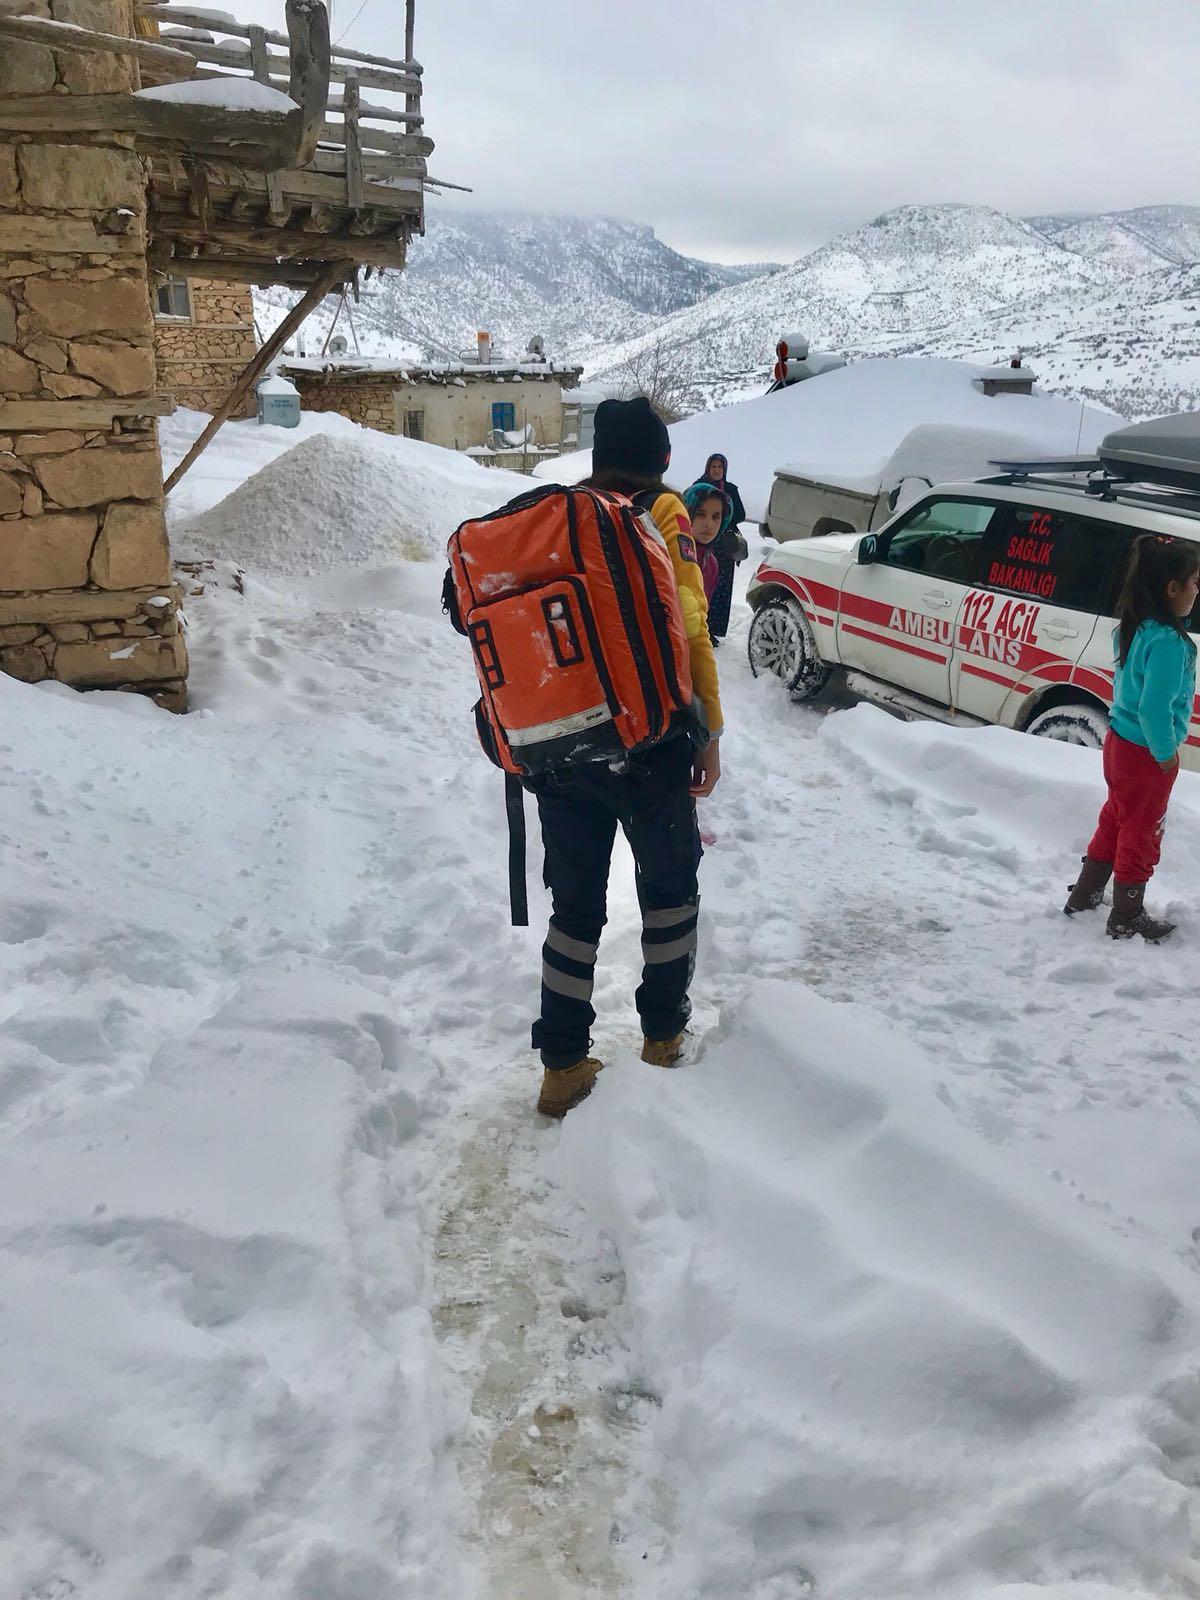 112 Ekipleri Kar Kış Demeden Hastaların İmdadına Koşuyor